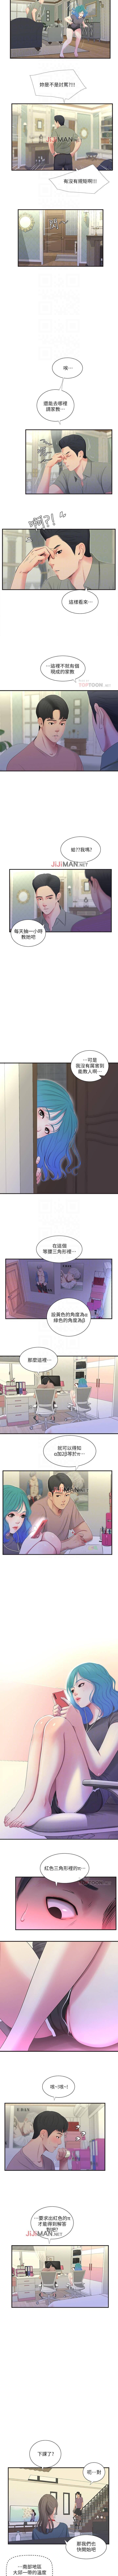 【周四连载】亲家四姐妹(作者:愛摸) 第1~31话 95